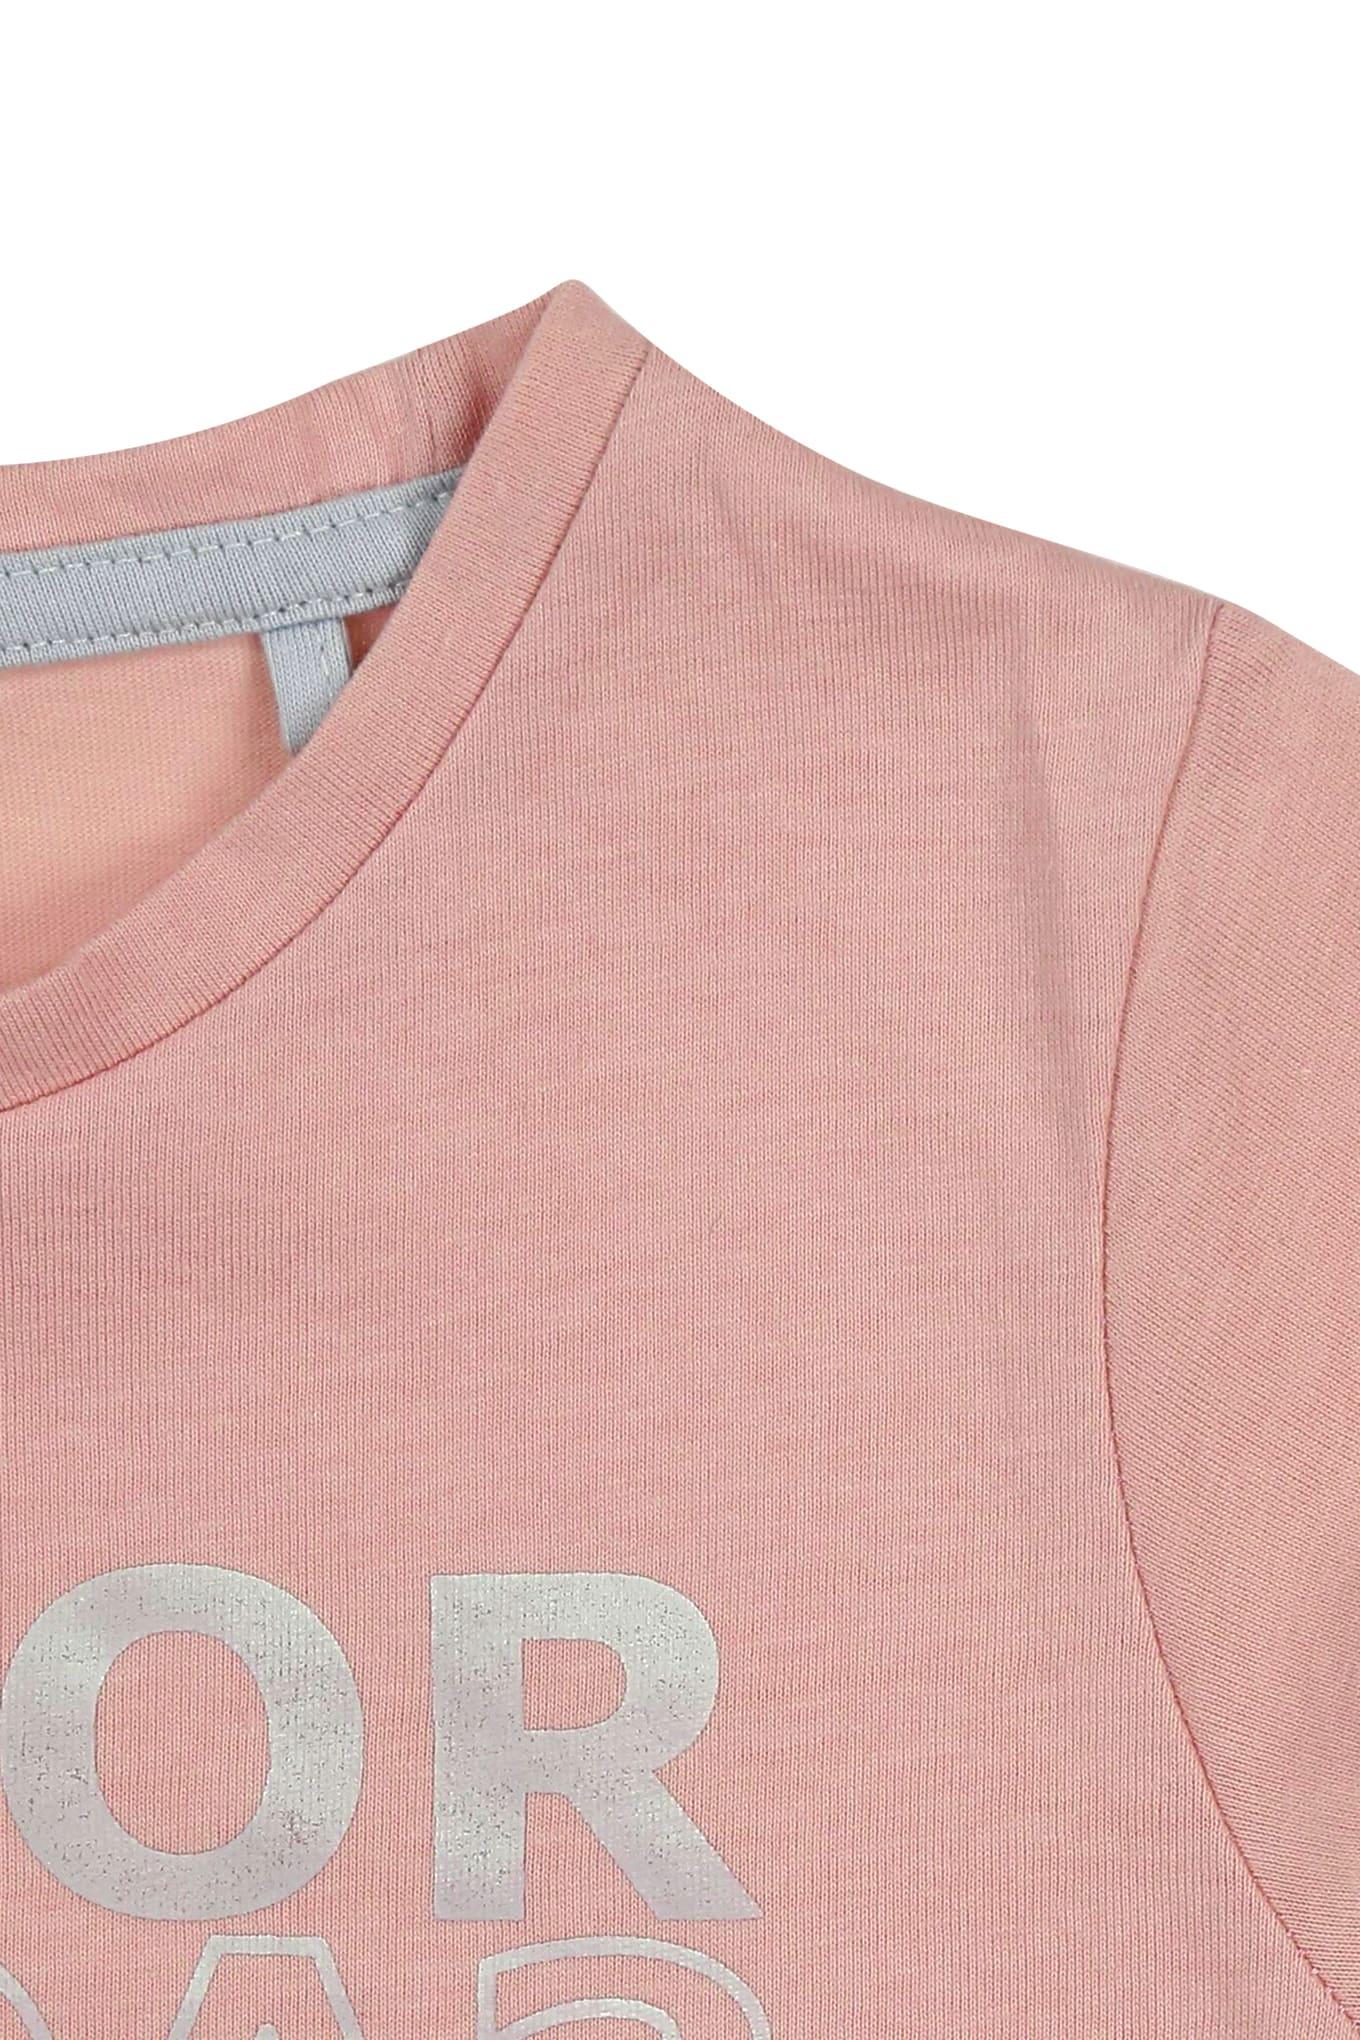 T-Shirt Lemonade Sport Girl